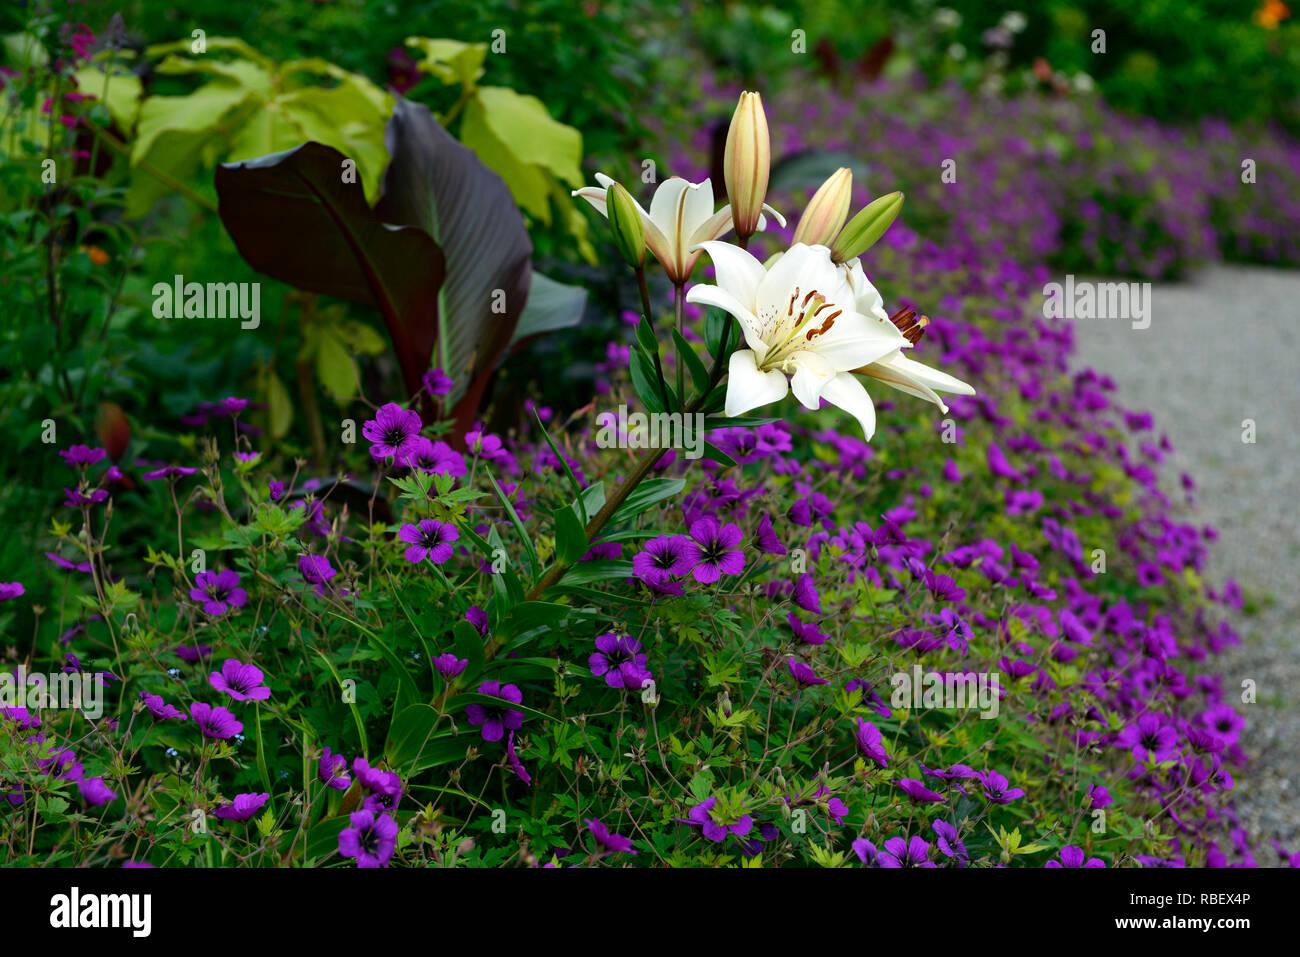 Lilium eyeliner, Geranium Anne Thomson, magenta, pink, Mix, Gemischt, Bett, Grenze, Blume, Blumen, Blüte, weiße Lilie eyeliner, RM Floral Stockbild